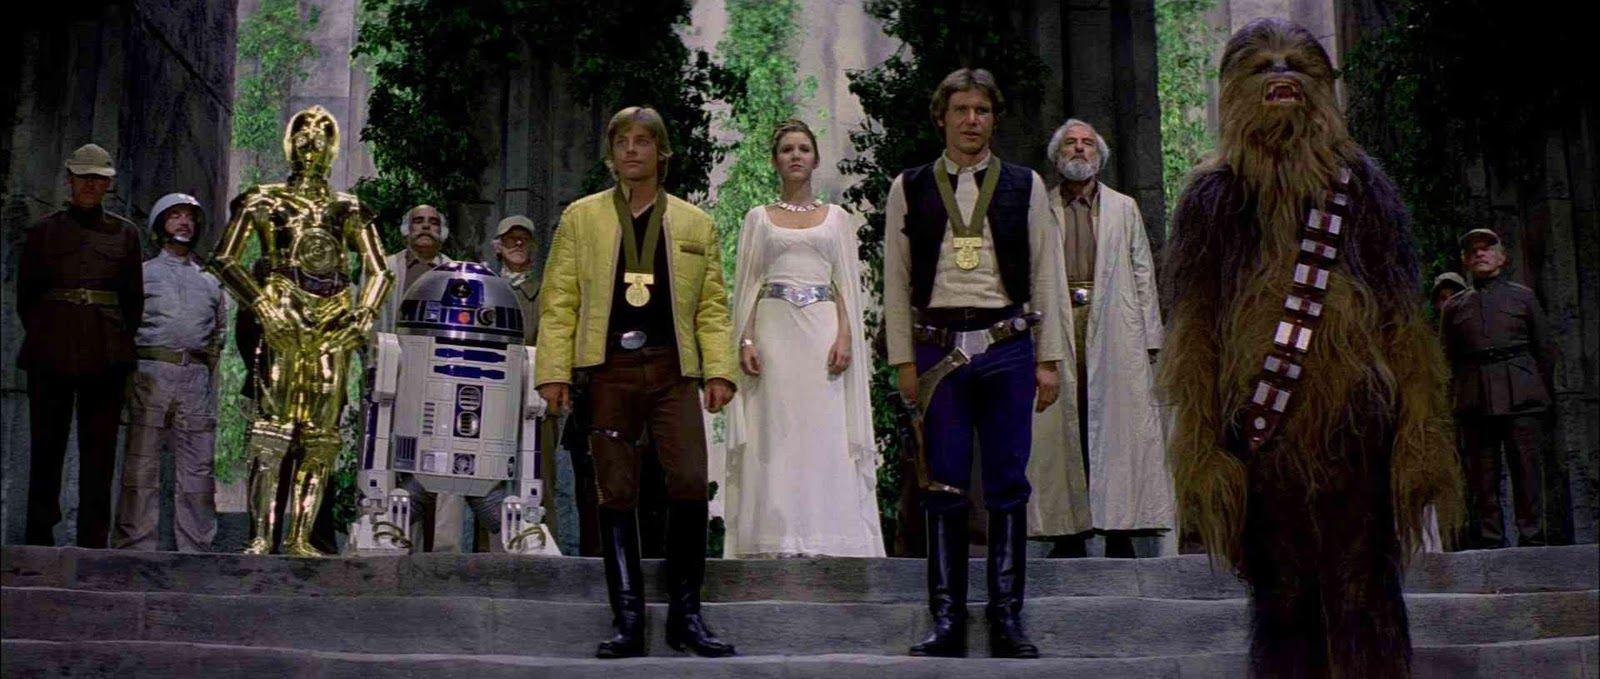 star wars movie scenes | geek with curves: The Final Scenes of Star Wars Films